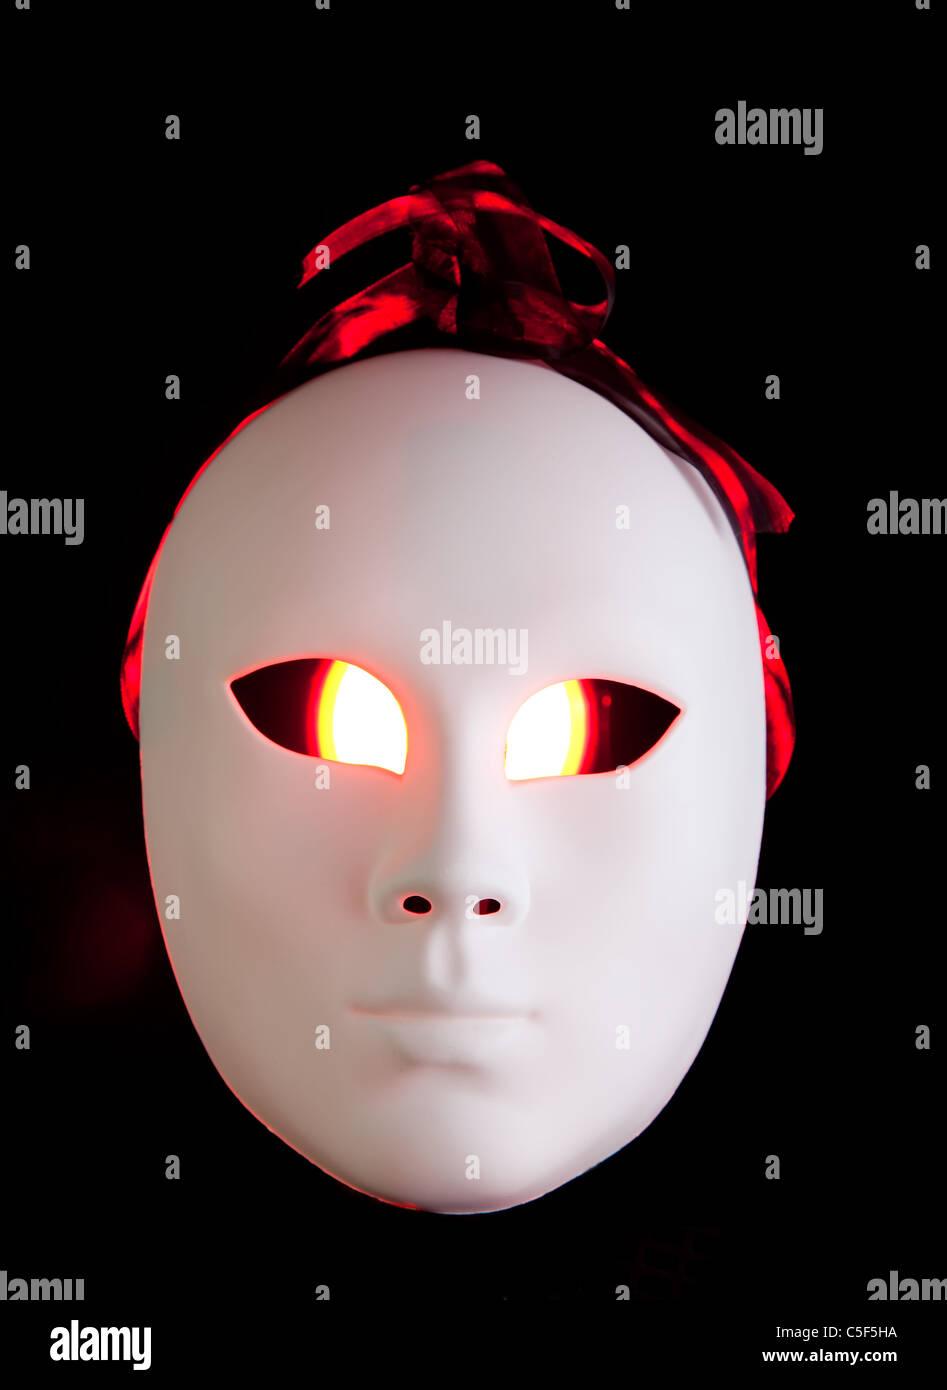 Gruselige Rote Augen Stockfotos Gruselige Rote Augen Bilder Alamy